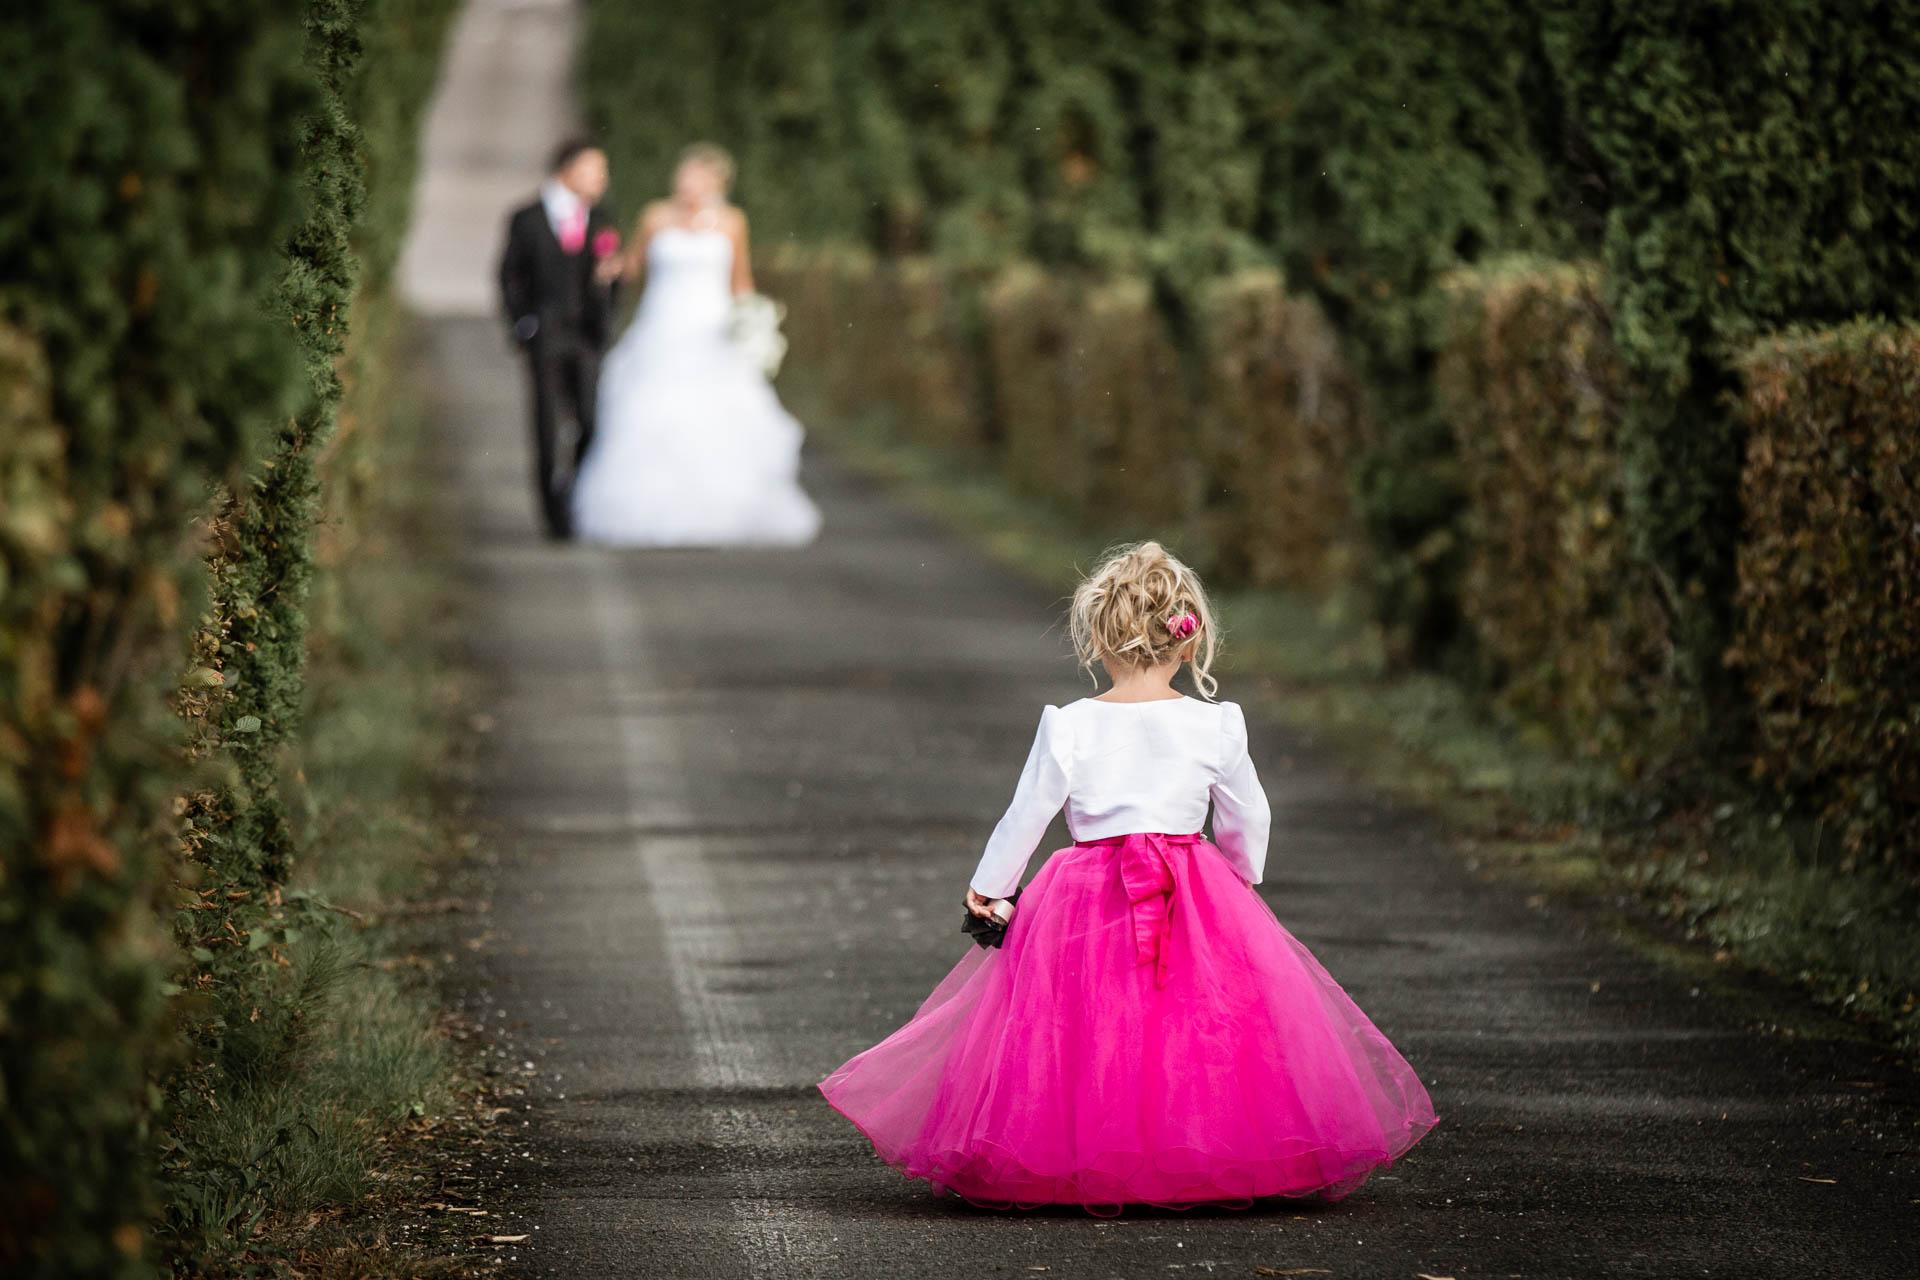 superbe photo de la petite princesse attendant ses parents qui se marient